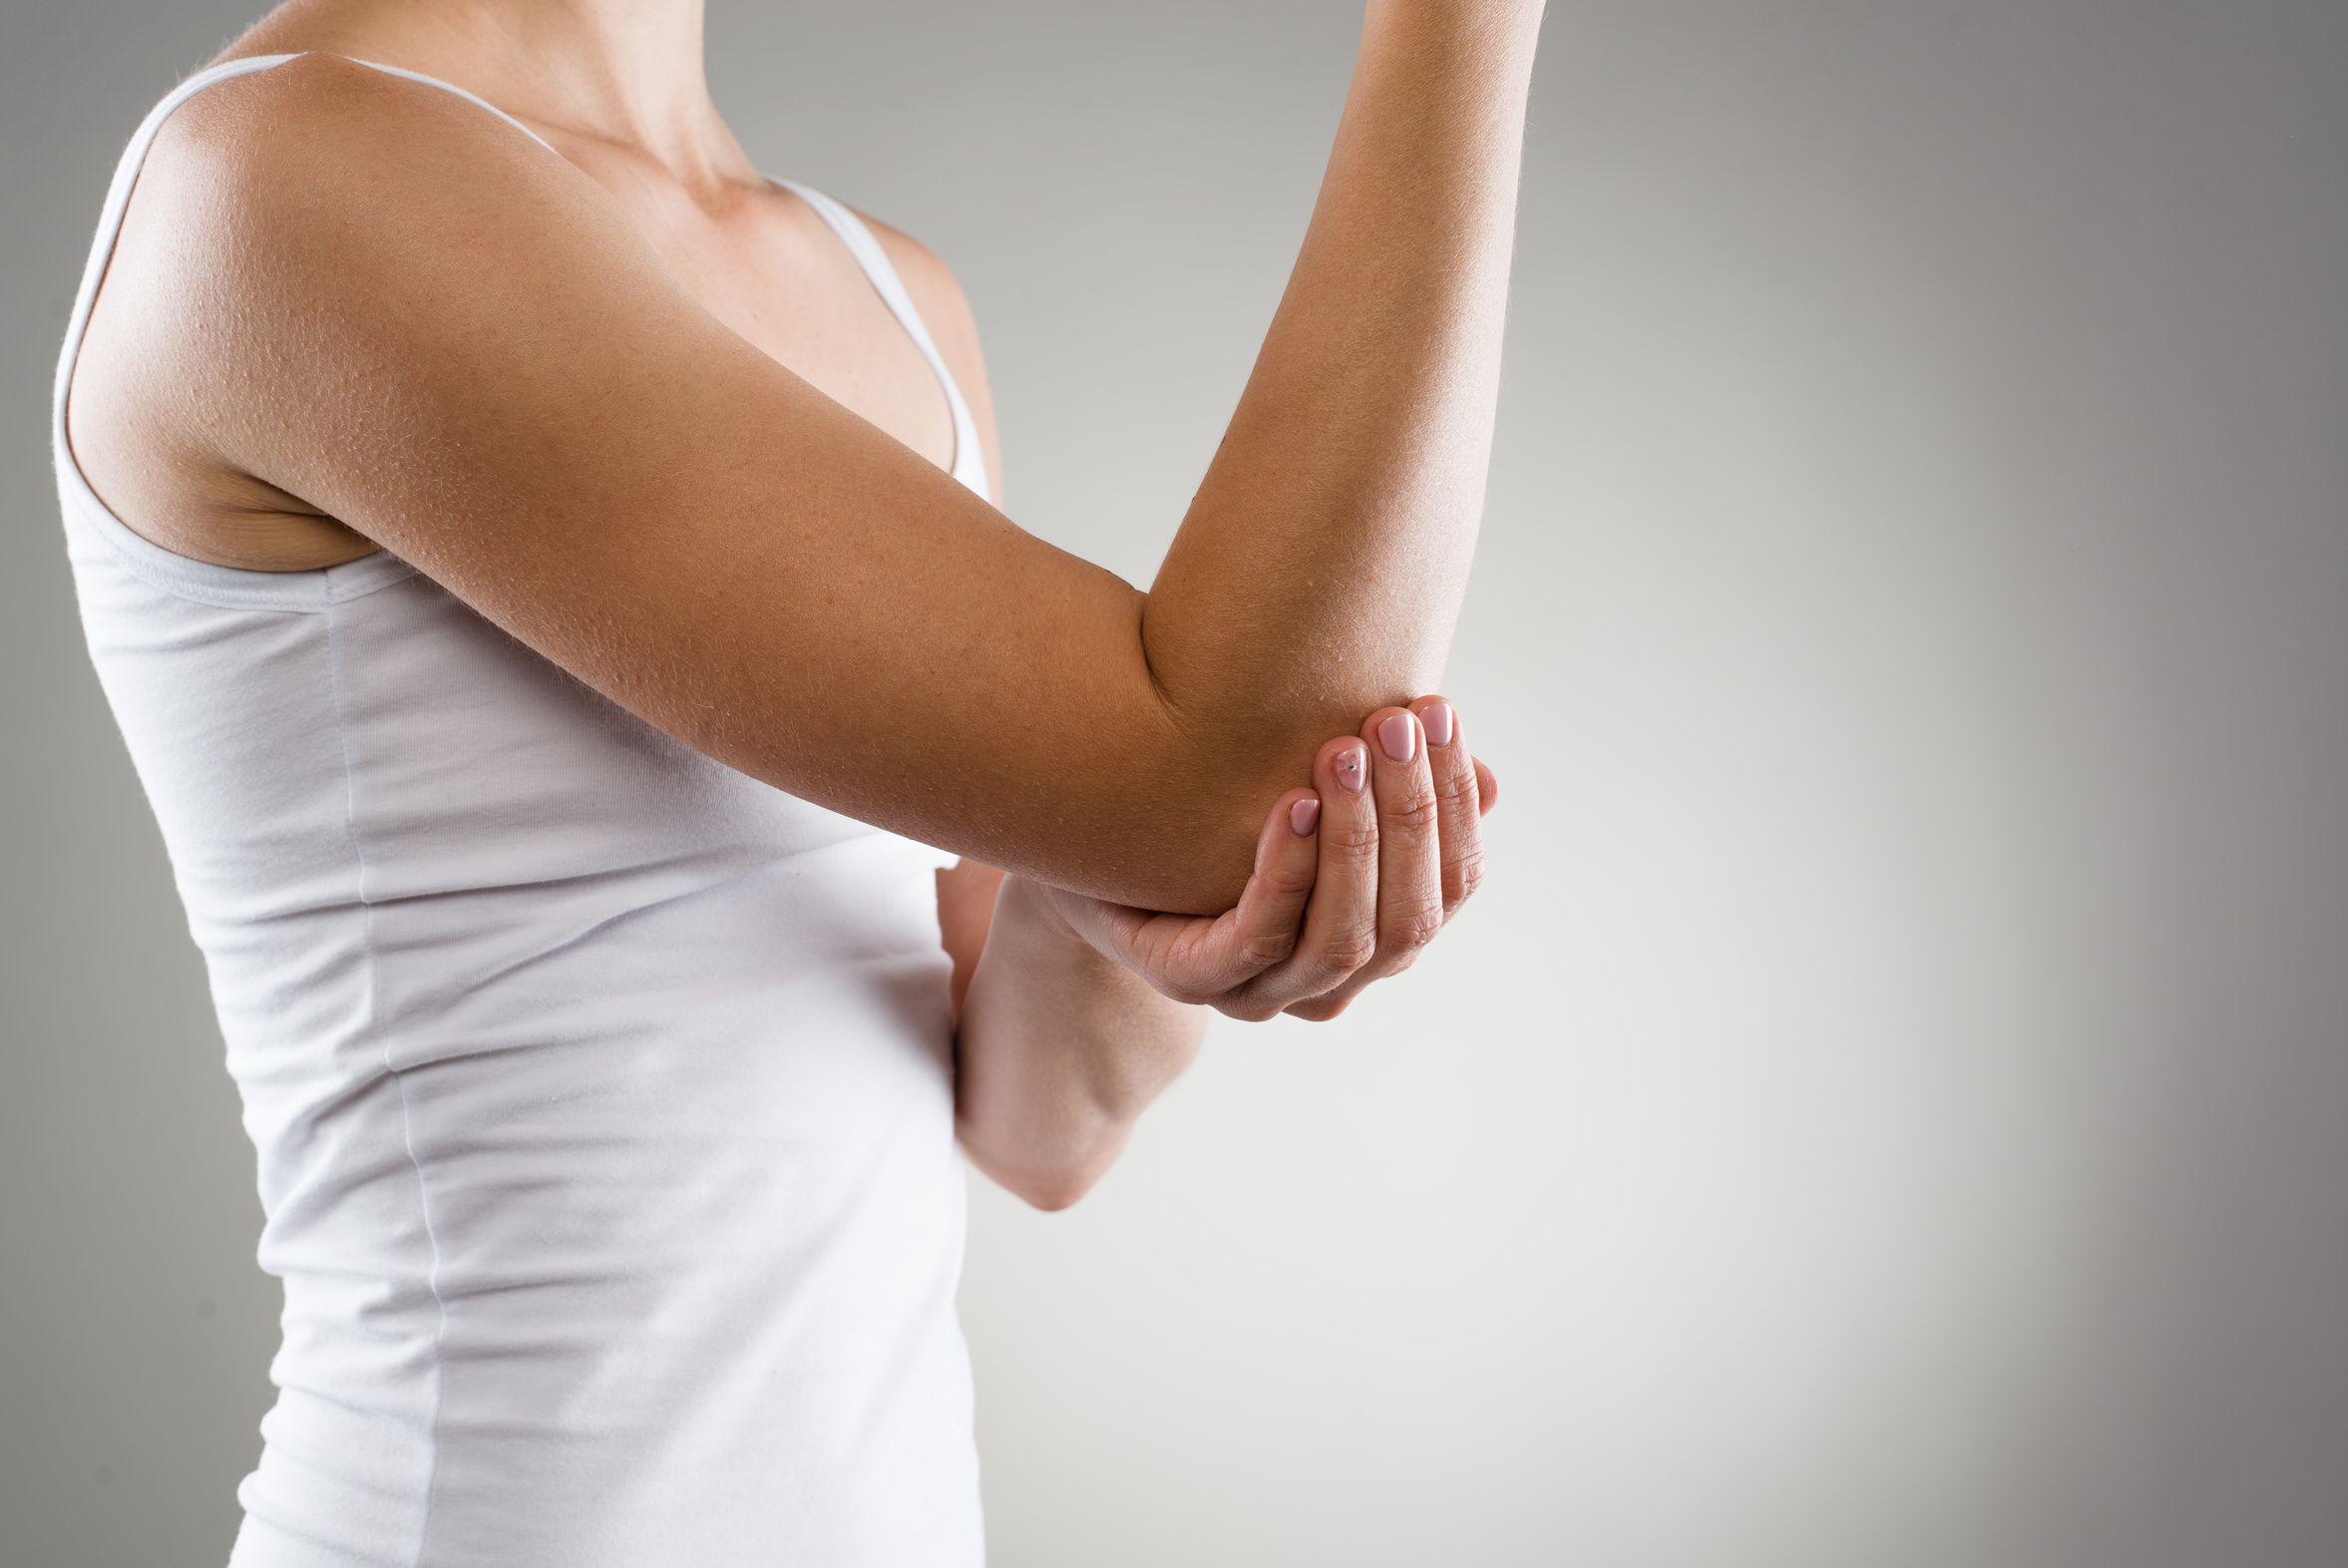 Del tenista dolor la codo en pierna de